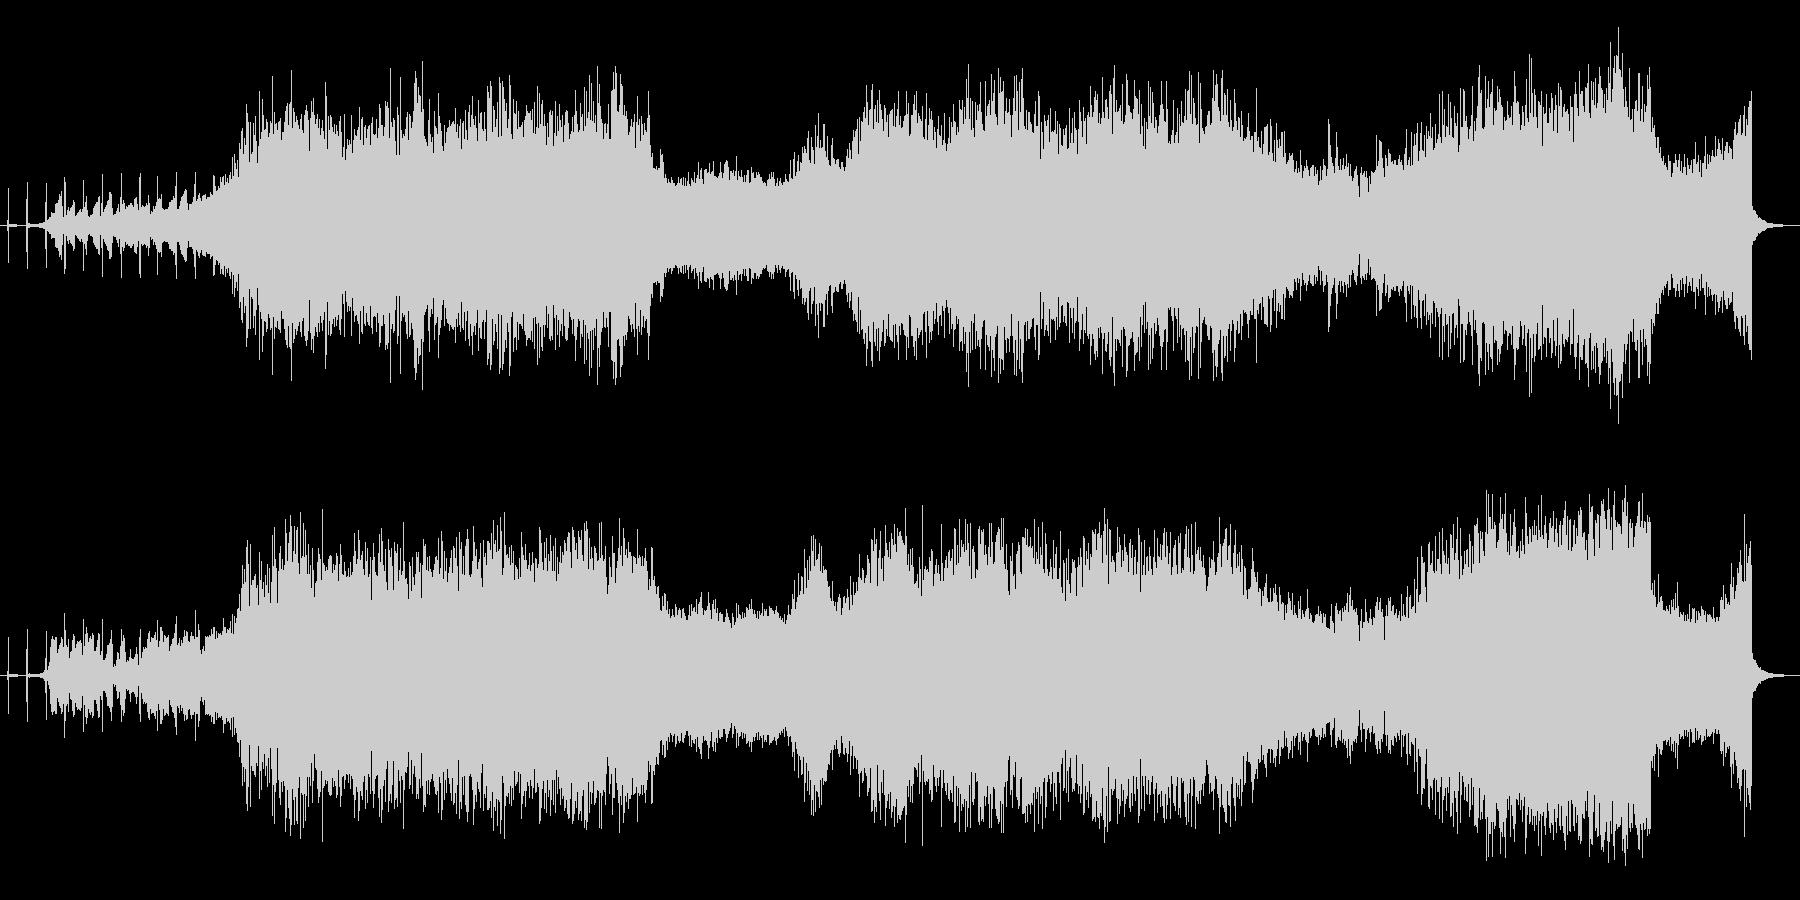 ホラー映画音楽の未再生の波形